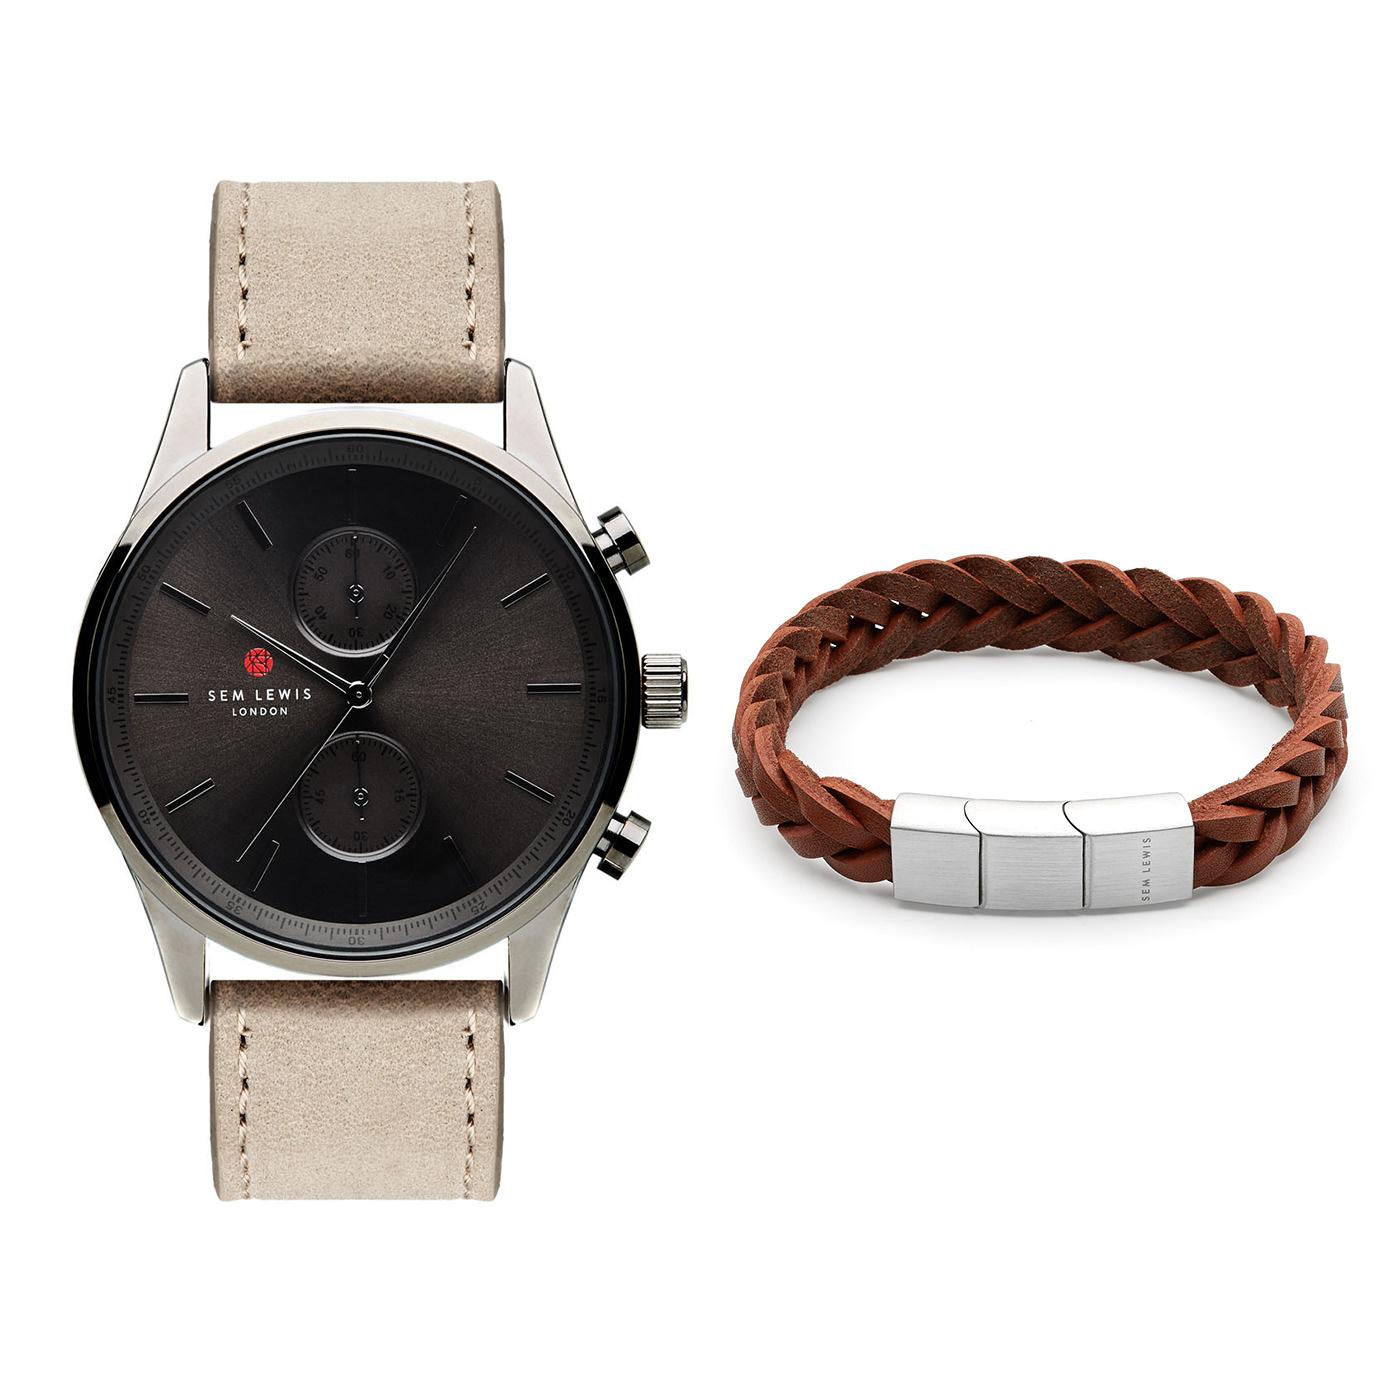 Sem Lewis Coffret cadeau Metropolitan montre chrono et Bakerloo Paddington bracelet de montre